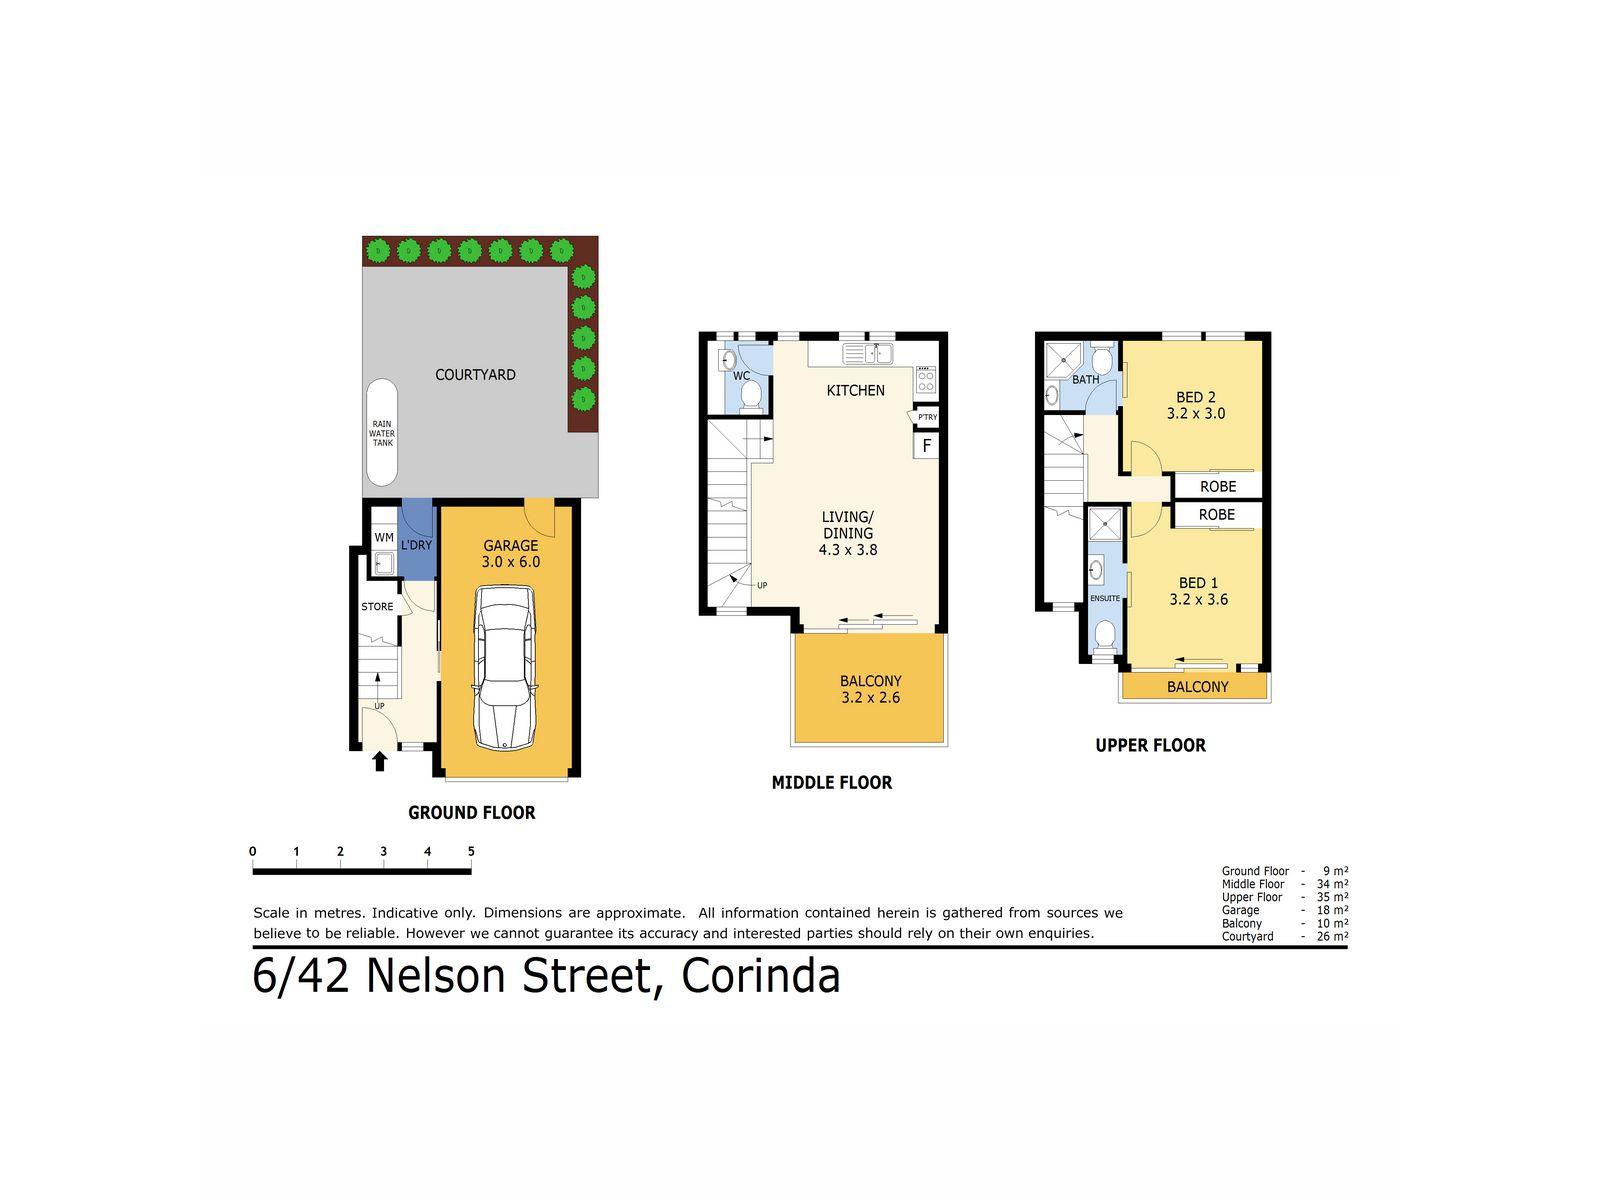 6 / 42 Nelson Street, Corinda